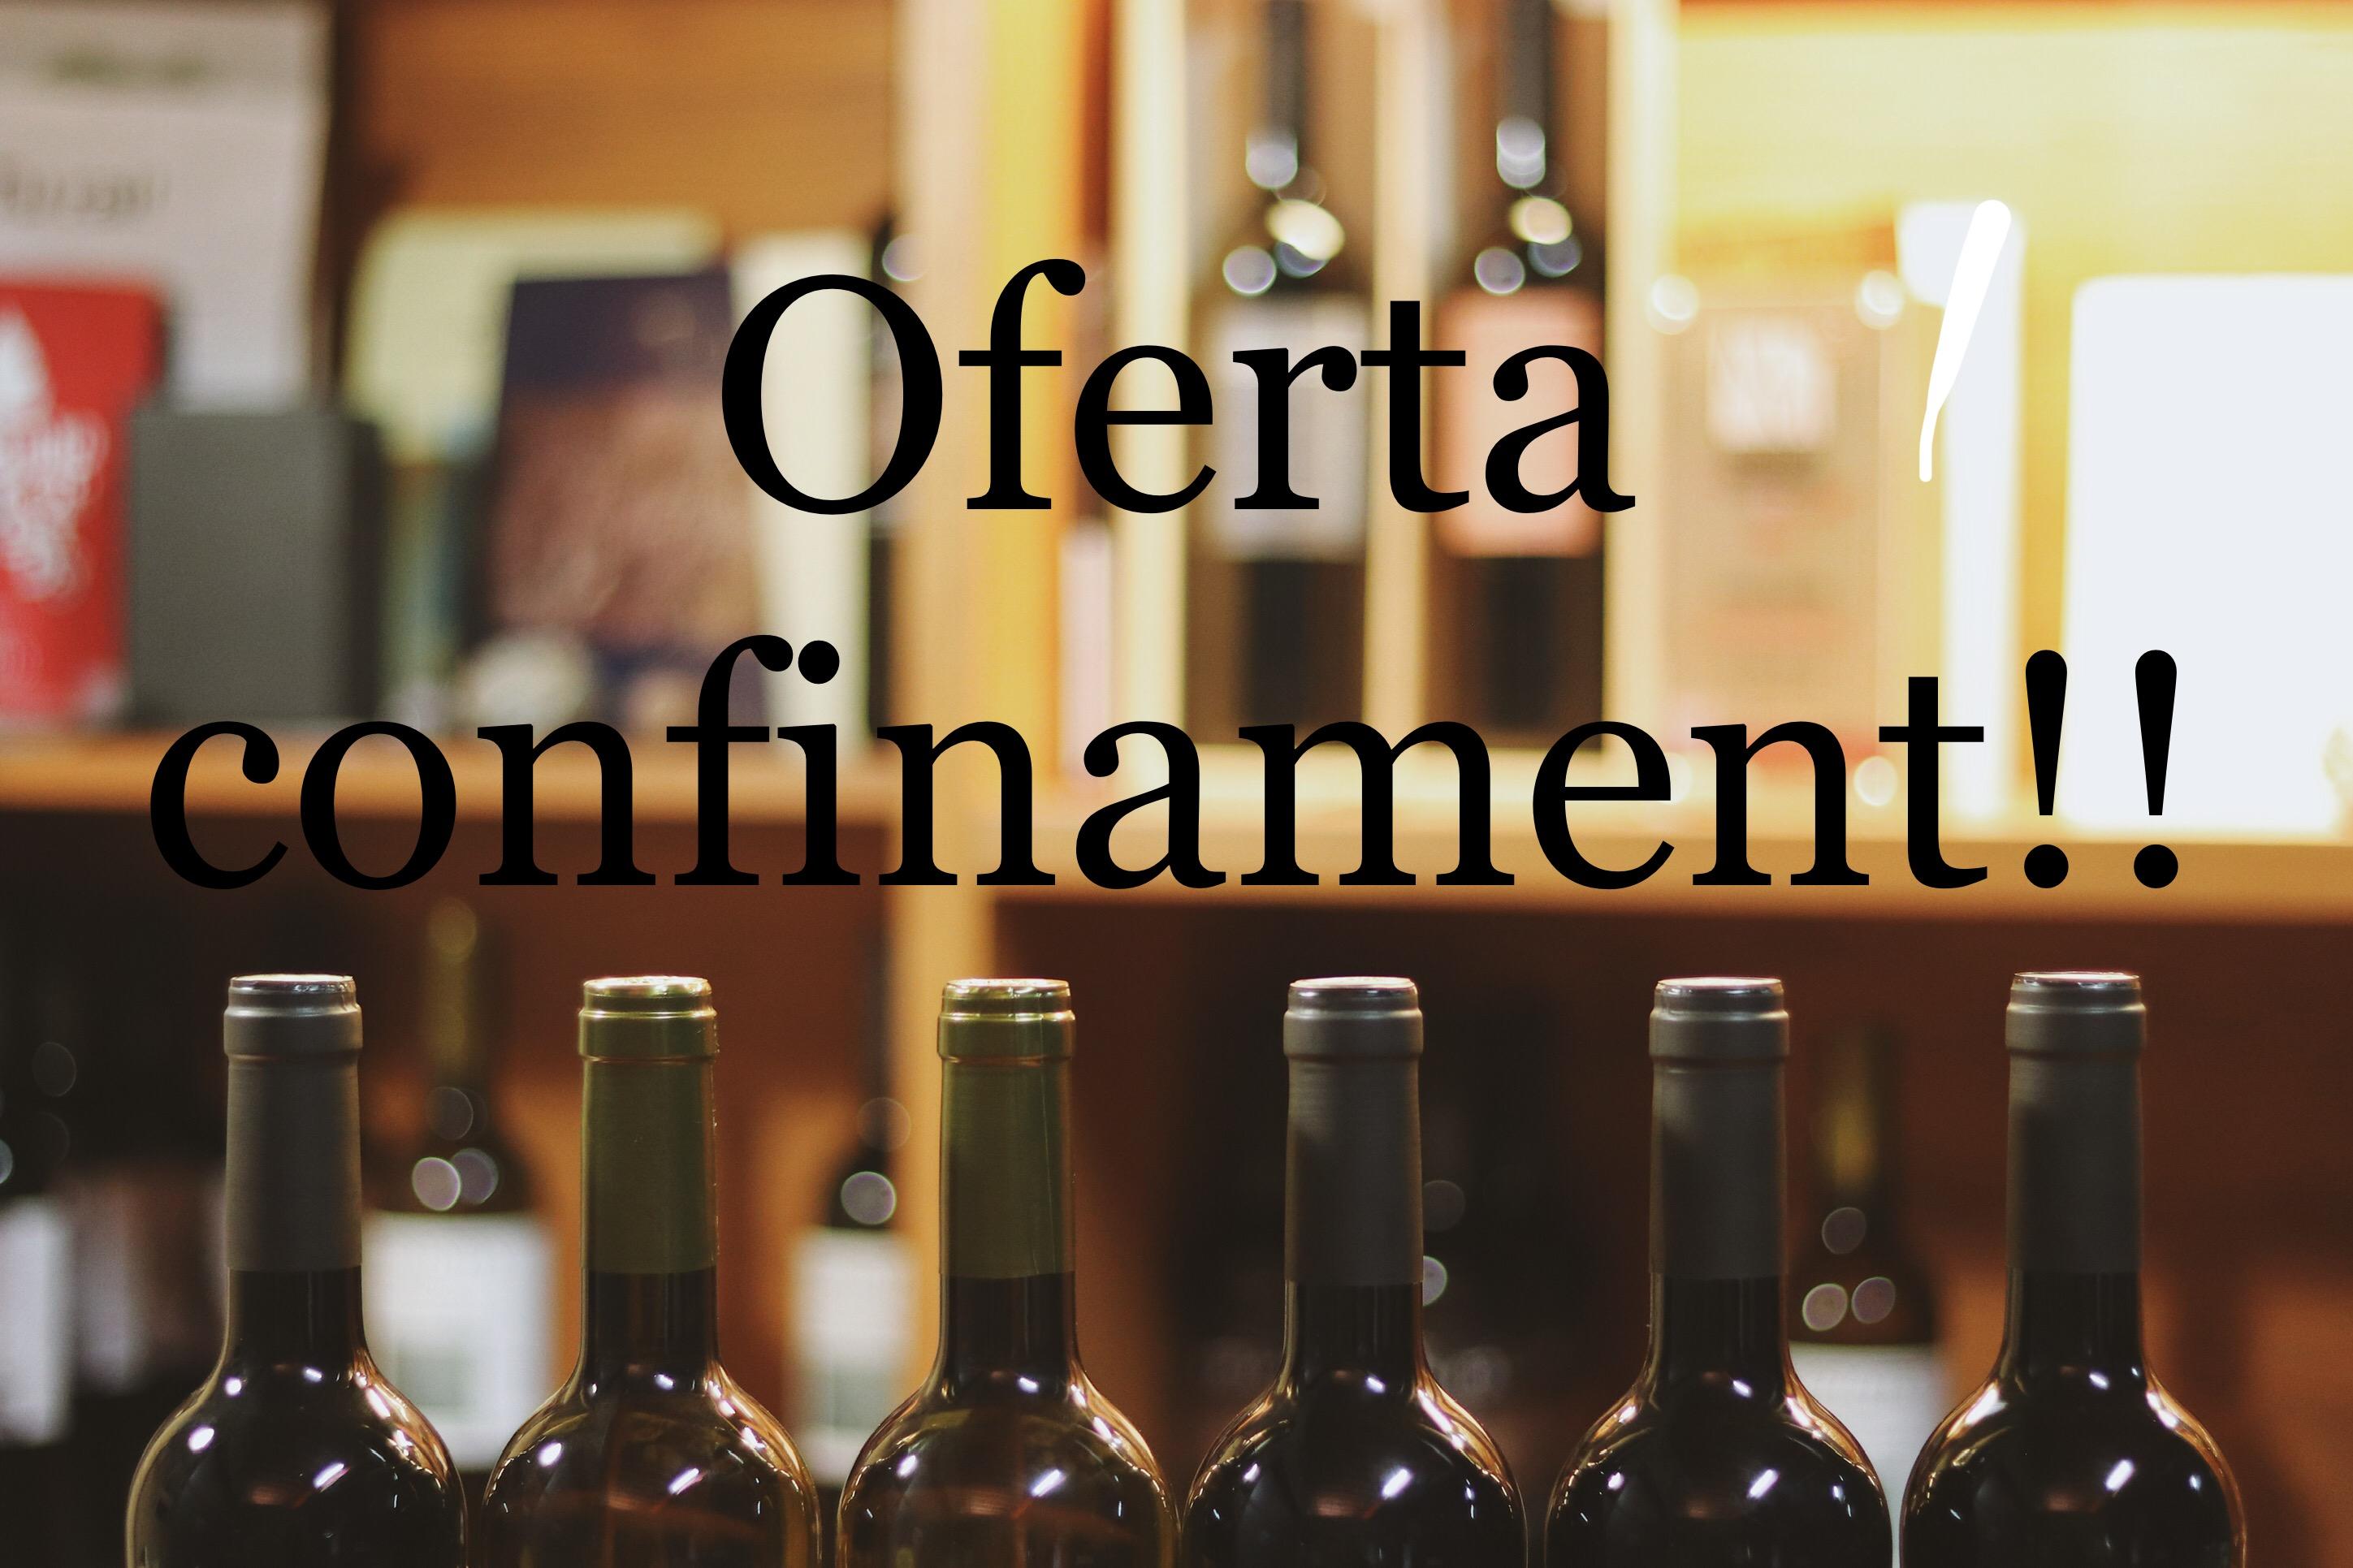 Oferta Confinament